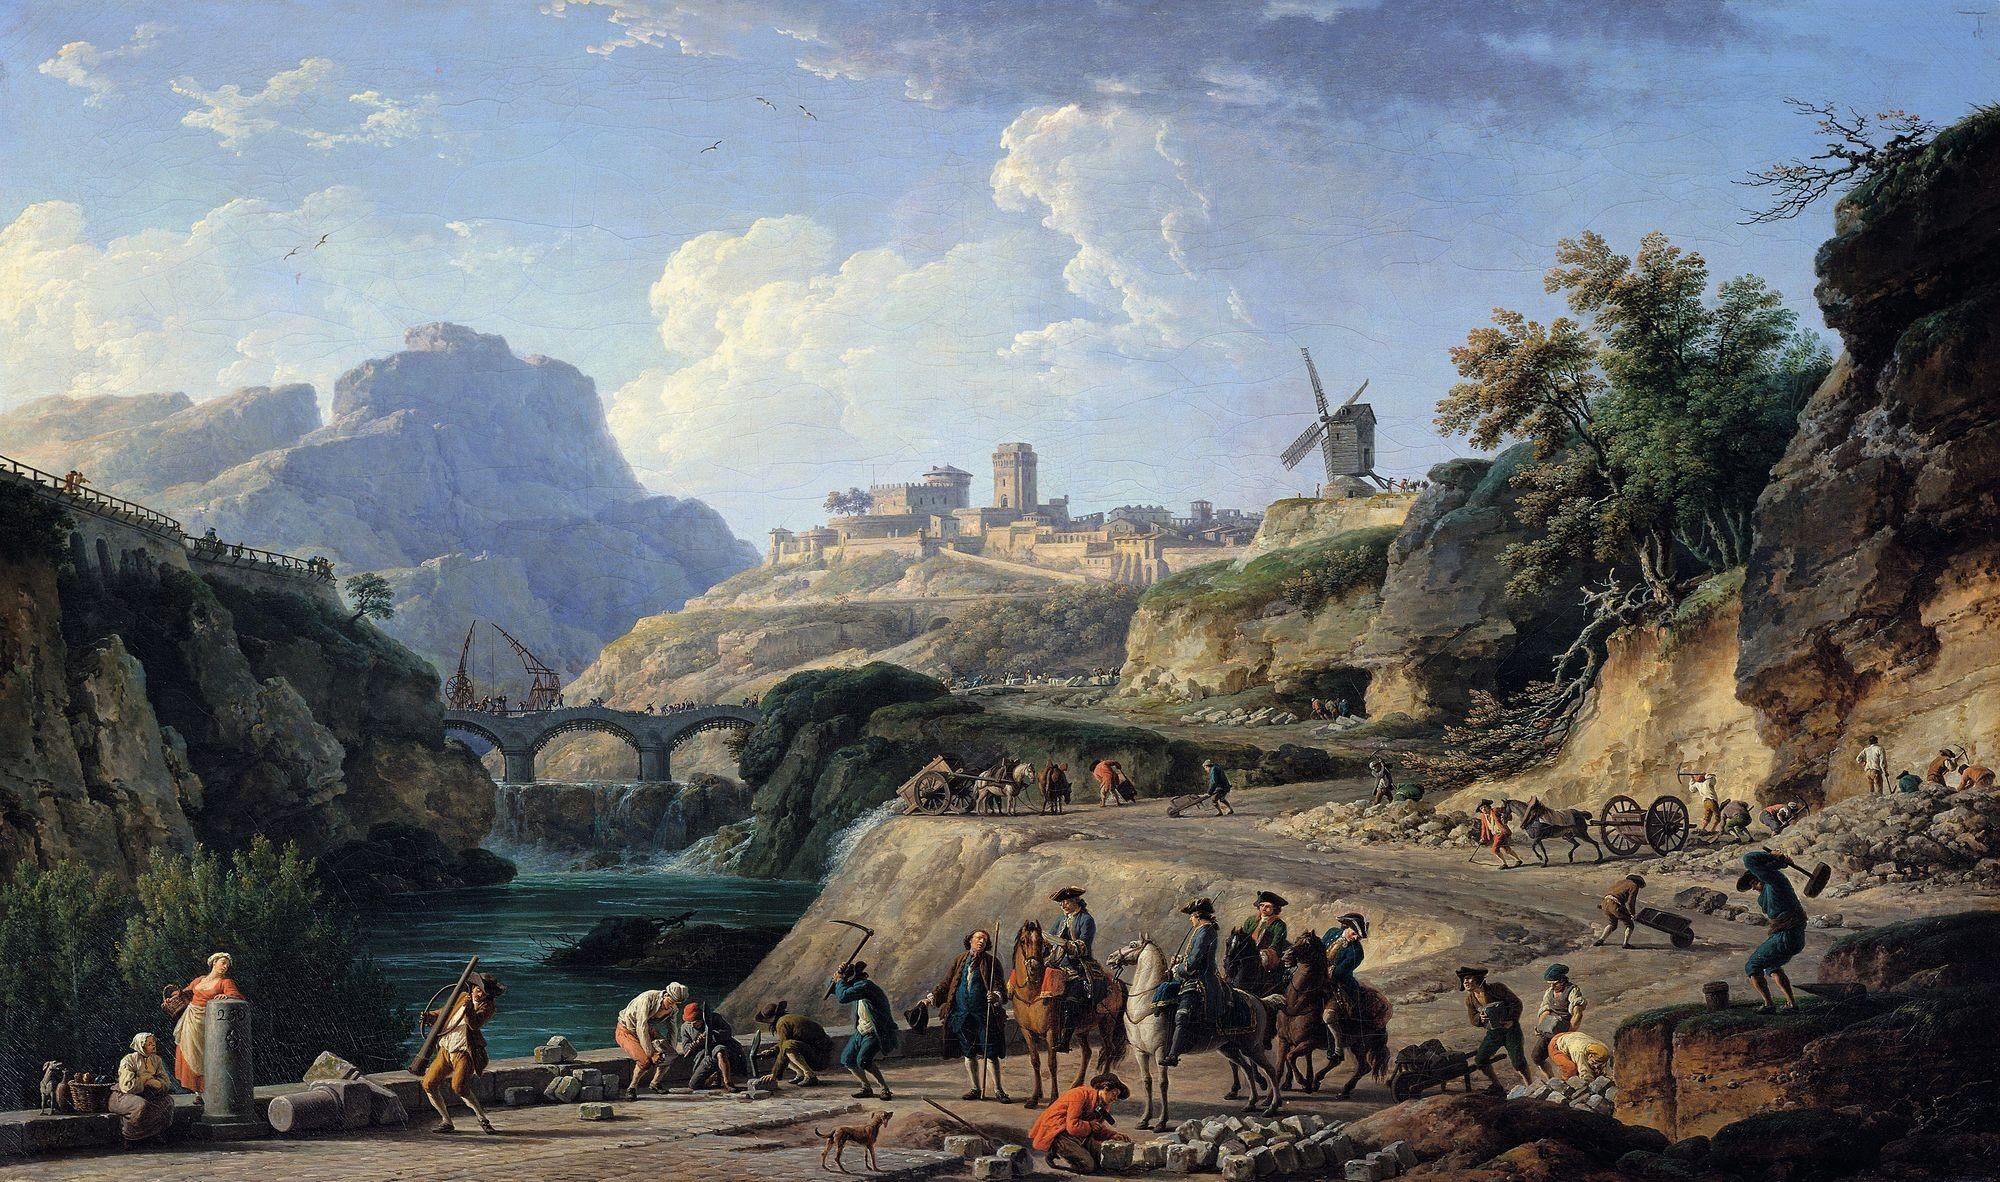 Joseph Vernet, La Construction d'un grand chemin, 1775, huile sur toile, 97 x 162 cm, musée du Louvre, Paris